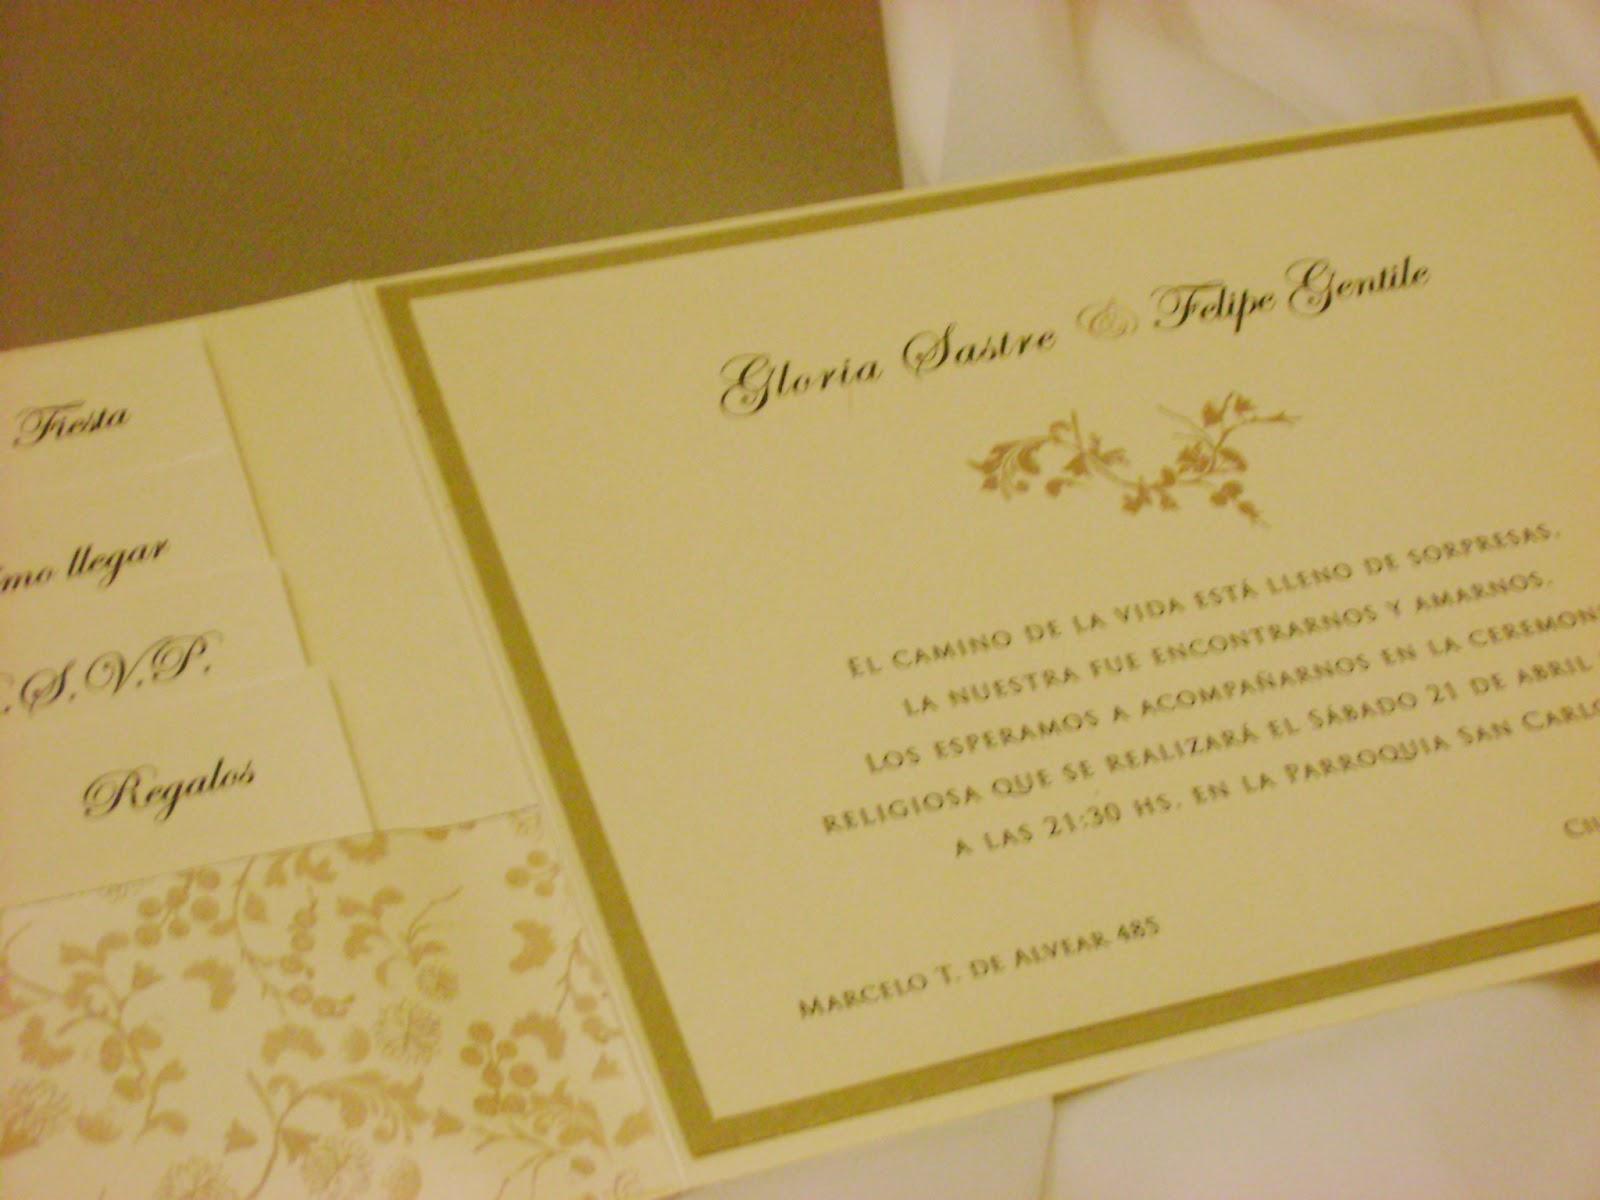 Invitaciones y tarjetas de casamiento febrero 2013 - Modelos de tarjetas de boda ...